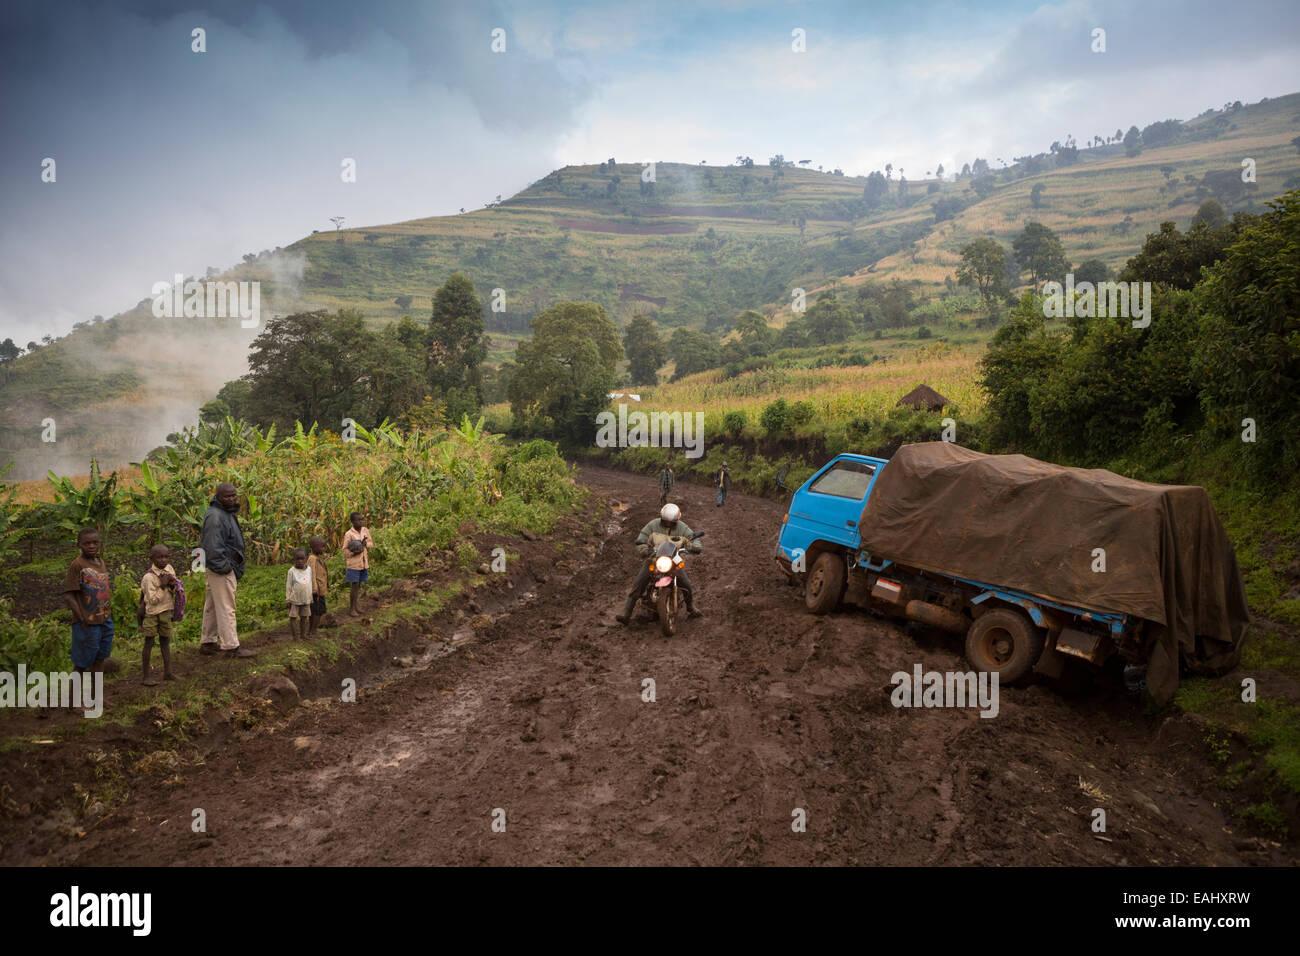 Le strade del distretto di Bukwo Uganda, situato sulle pendici del Monte Elgon, diventare impassibile durante i Immagini Stock